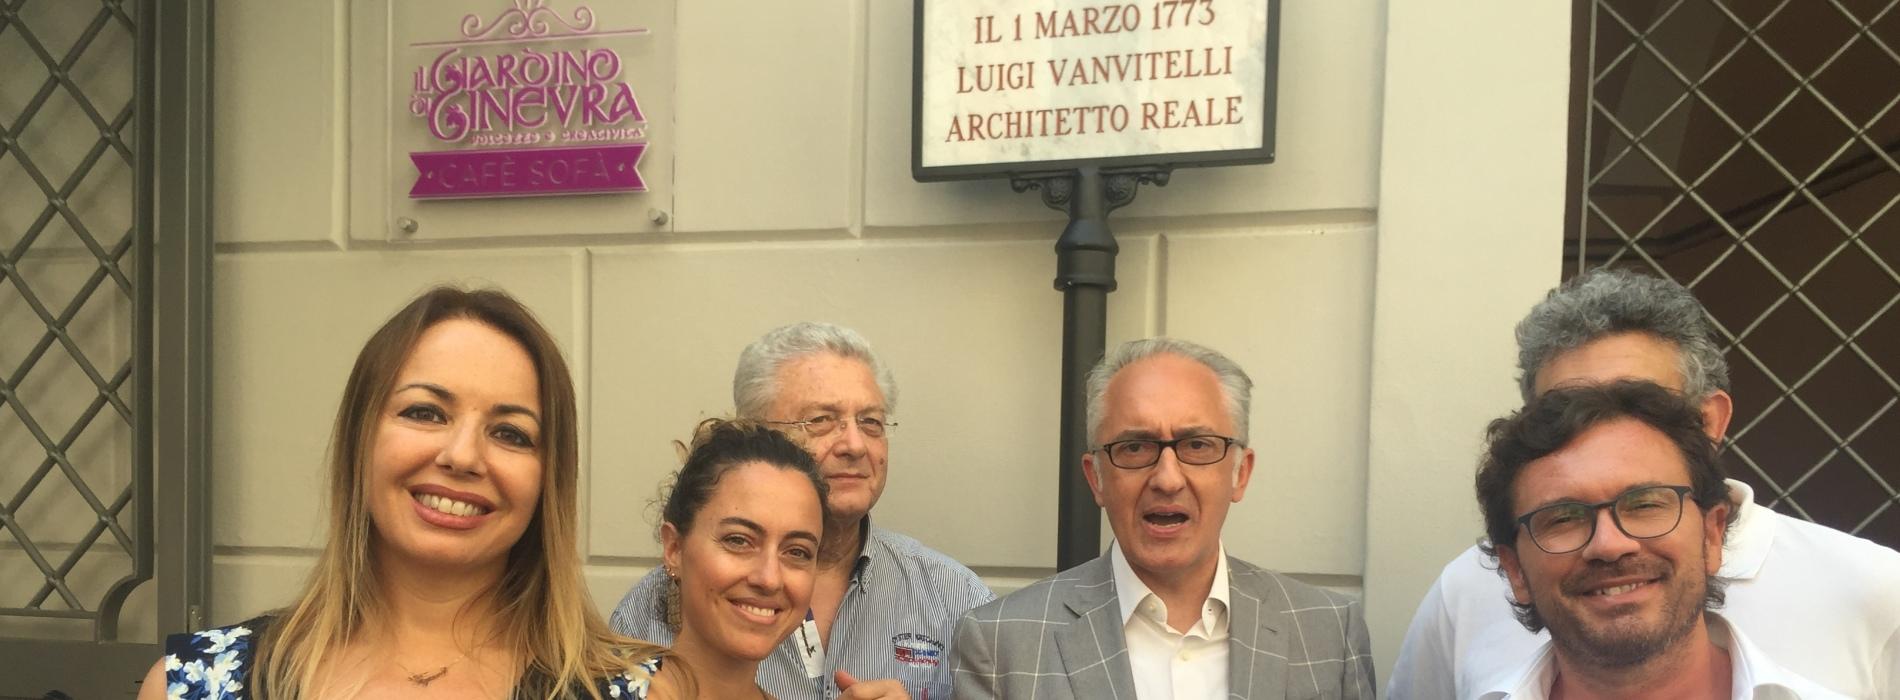 La vera casa di Luigi Vanvitelli. Ora c'è la targa